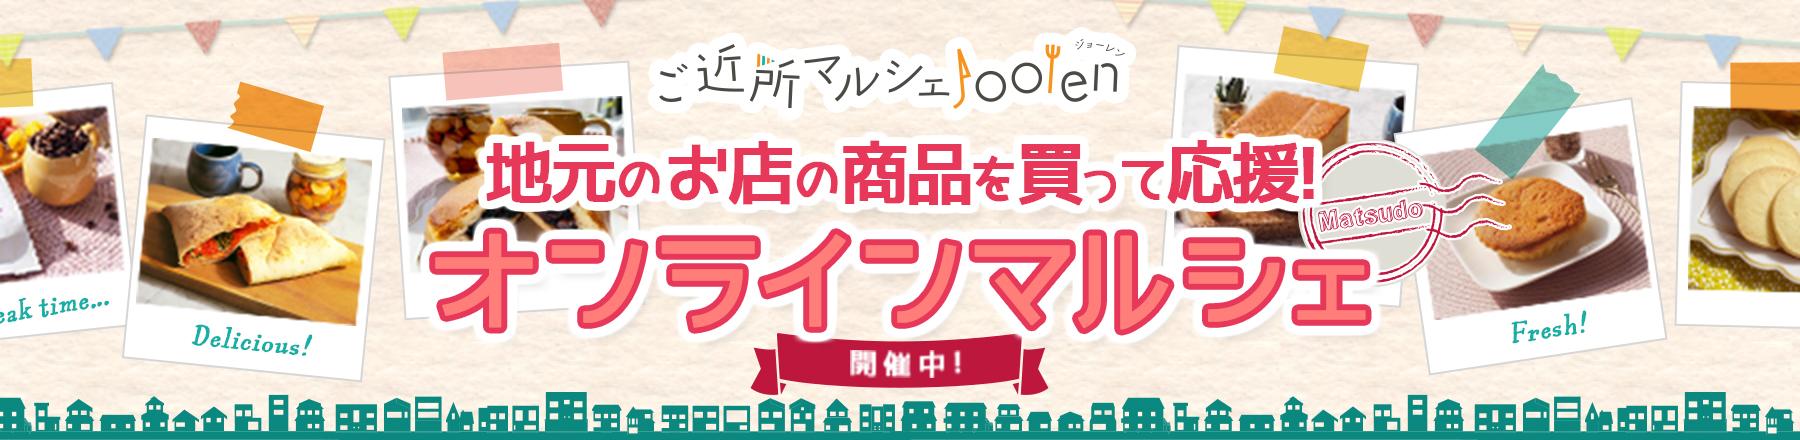 松戸の専門店を集めたオンラインマルシェ 開催中!